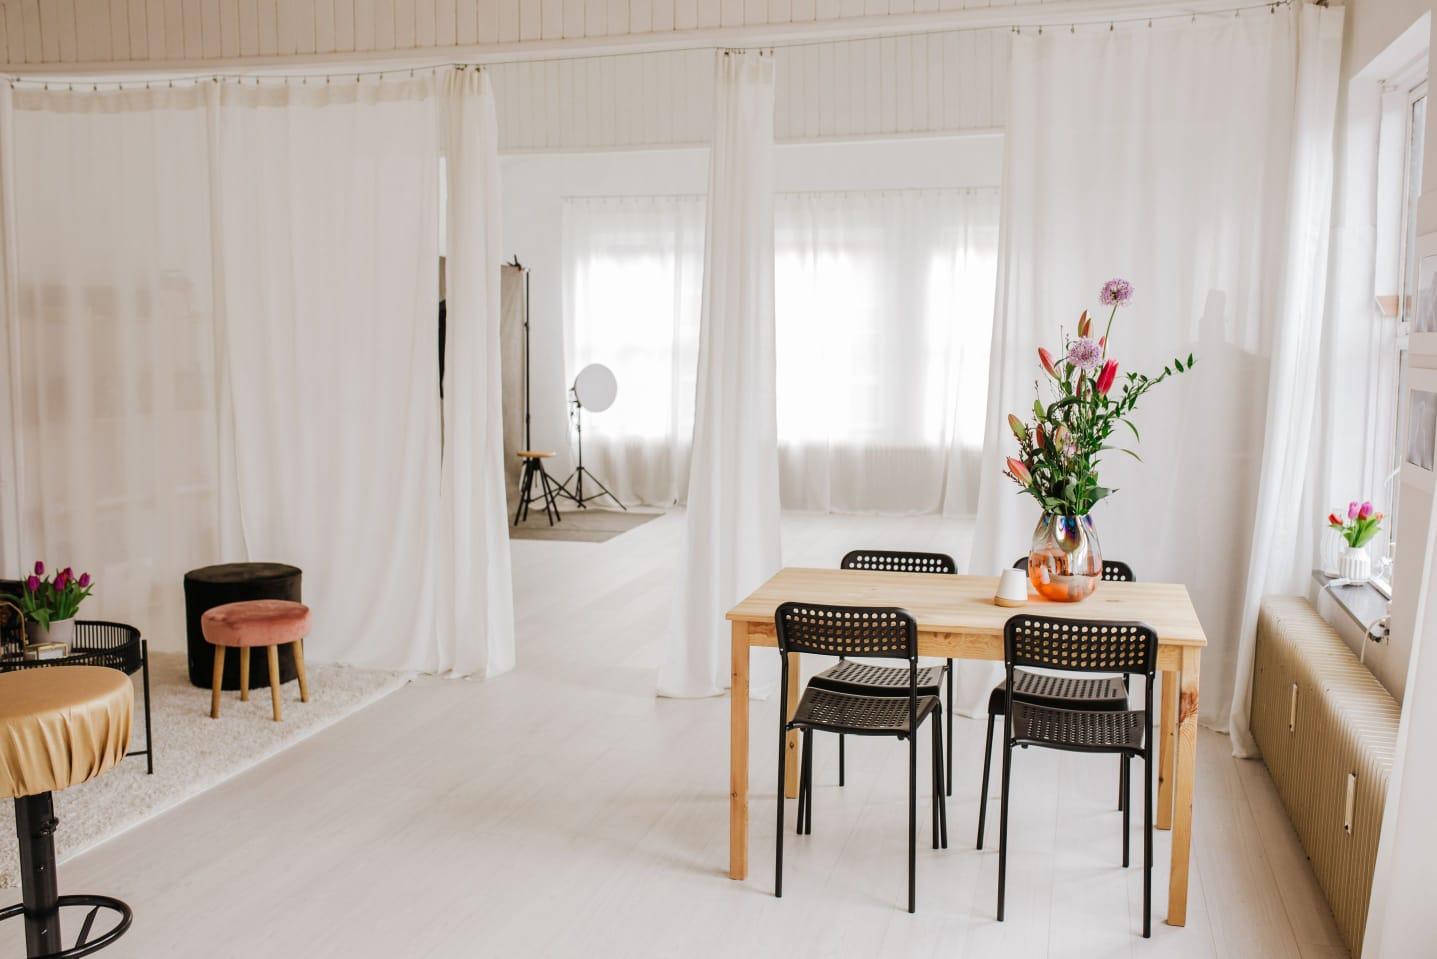 fotostudio Veerweg 18-1 Kampen Marije Elizabeth Photography (15)